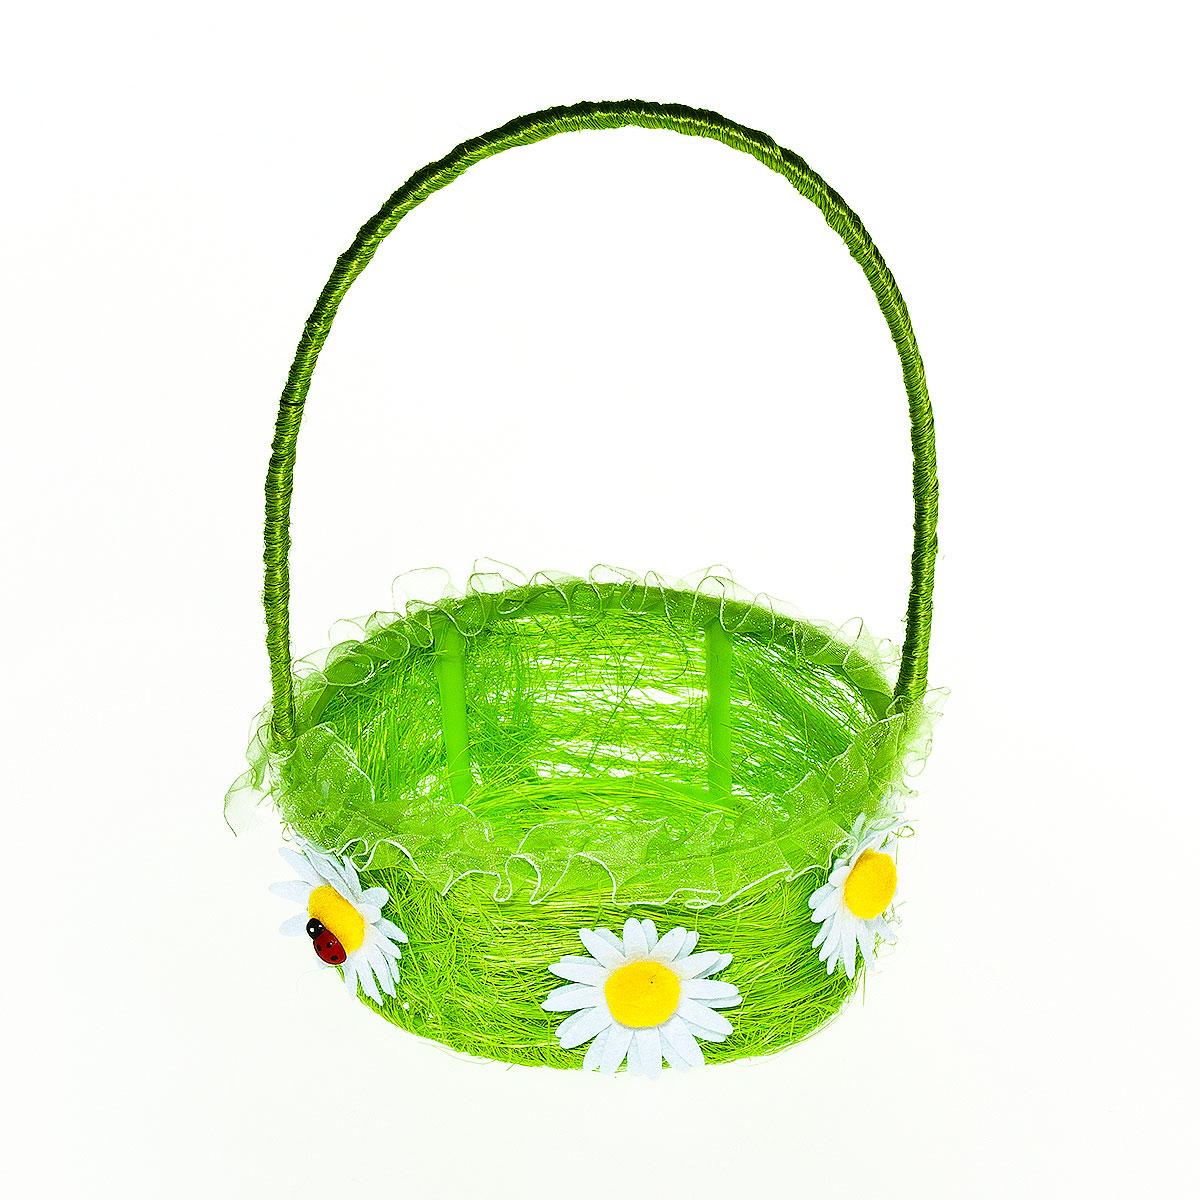 Корзина декоративная Home Queen Цветы, цвет: зеленый, 15,5 см х 14,5 см х 6,5 смC0042416Декоративная корзина Home Queen Цветы предназначена для хранения различных мелочей и аксессуаров. Изделие изготовлено из сизаля и пластика. Корзина оснащена удобной ручкой и декорирована аппликацией в виде цветов.Такая корзина станет оригинальным и необычным подарком или украшением интерьера. Размер корзины: 15,5 см х 14,5 см х 6,5 см.Диаметр дна: 13 см.Высота ручки: 14 см.